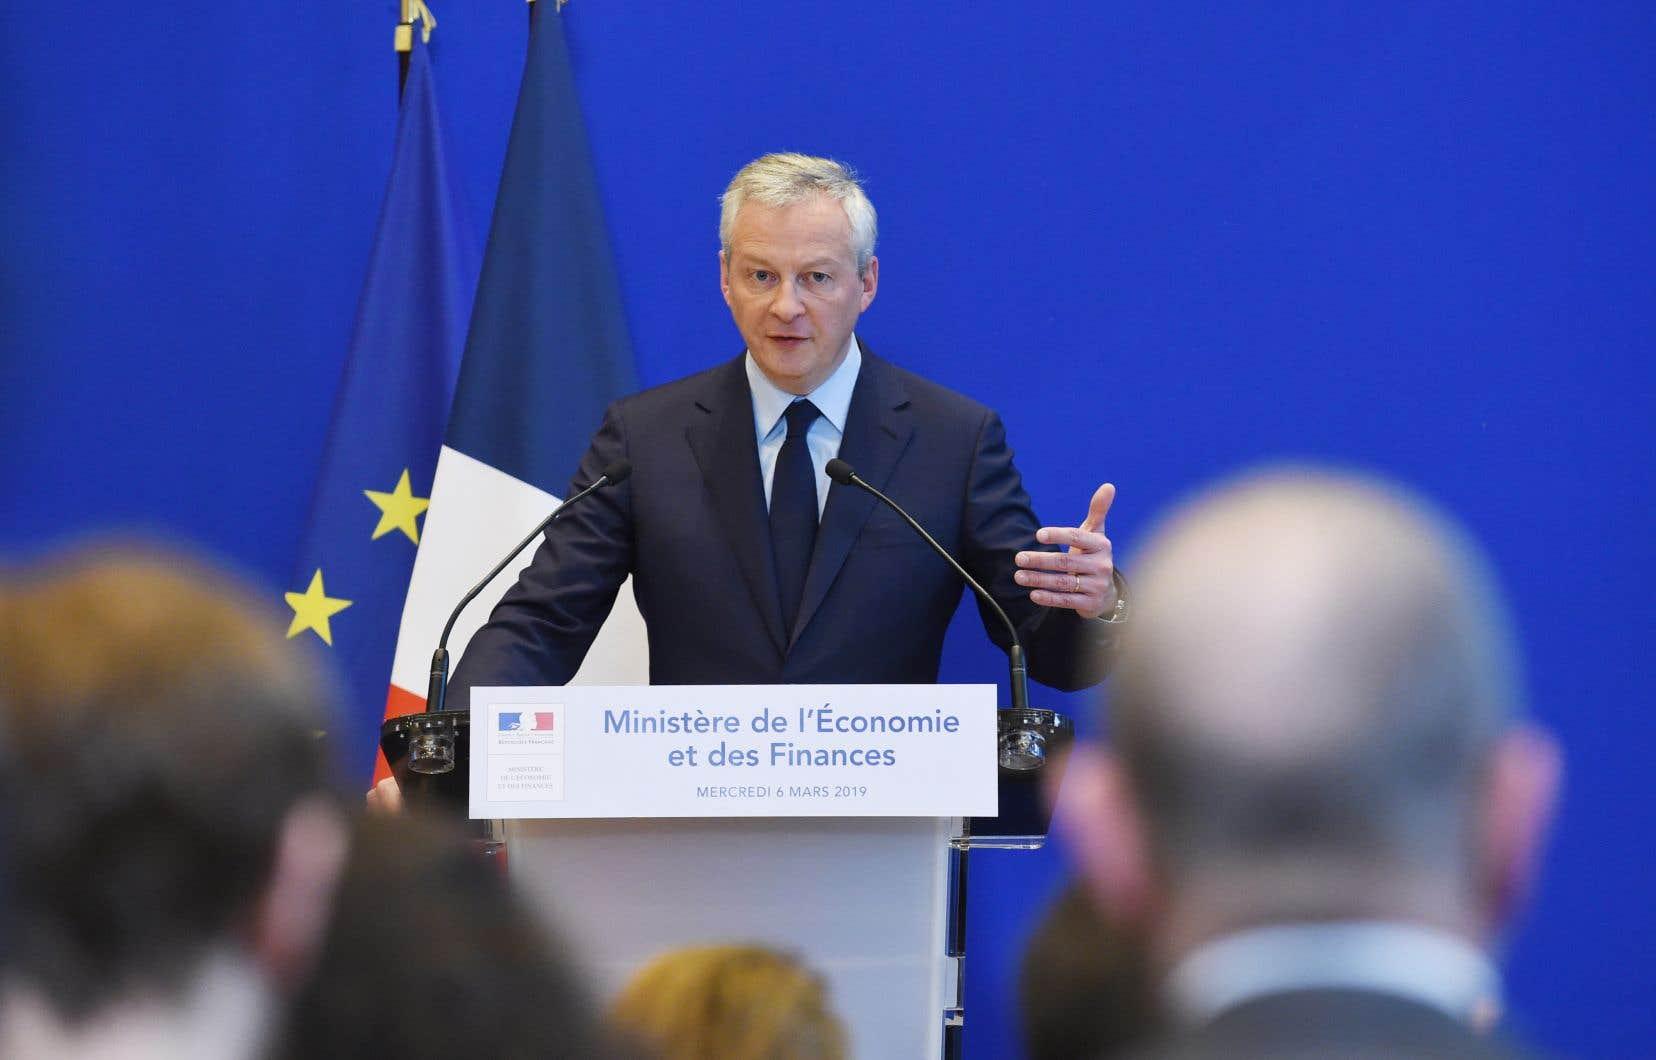 Cette taxe «a fait bouger les lignes, elle a ouvert une voie», a déclaré le ministre français de l'Économie, Bruno Le Maire.